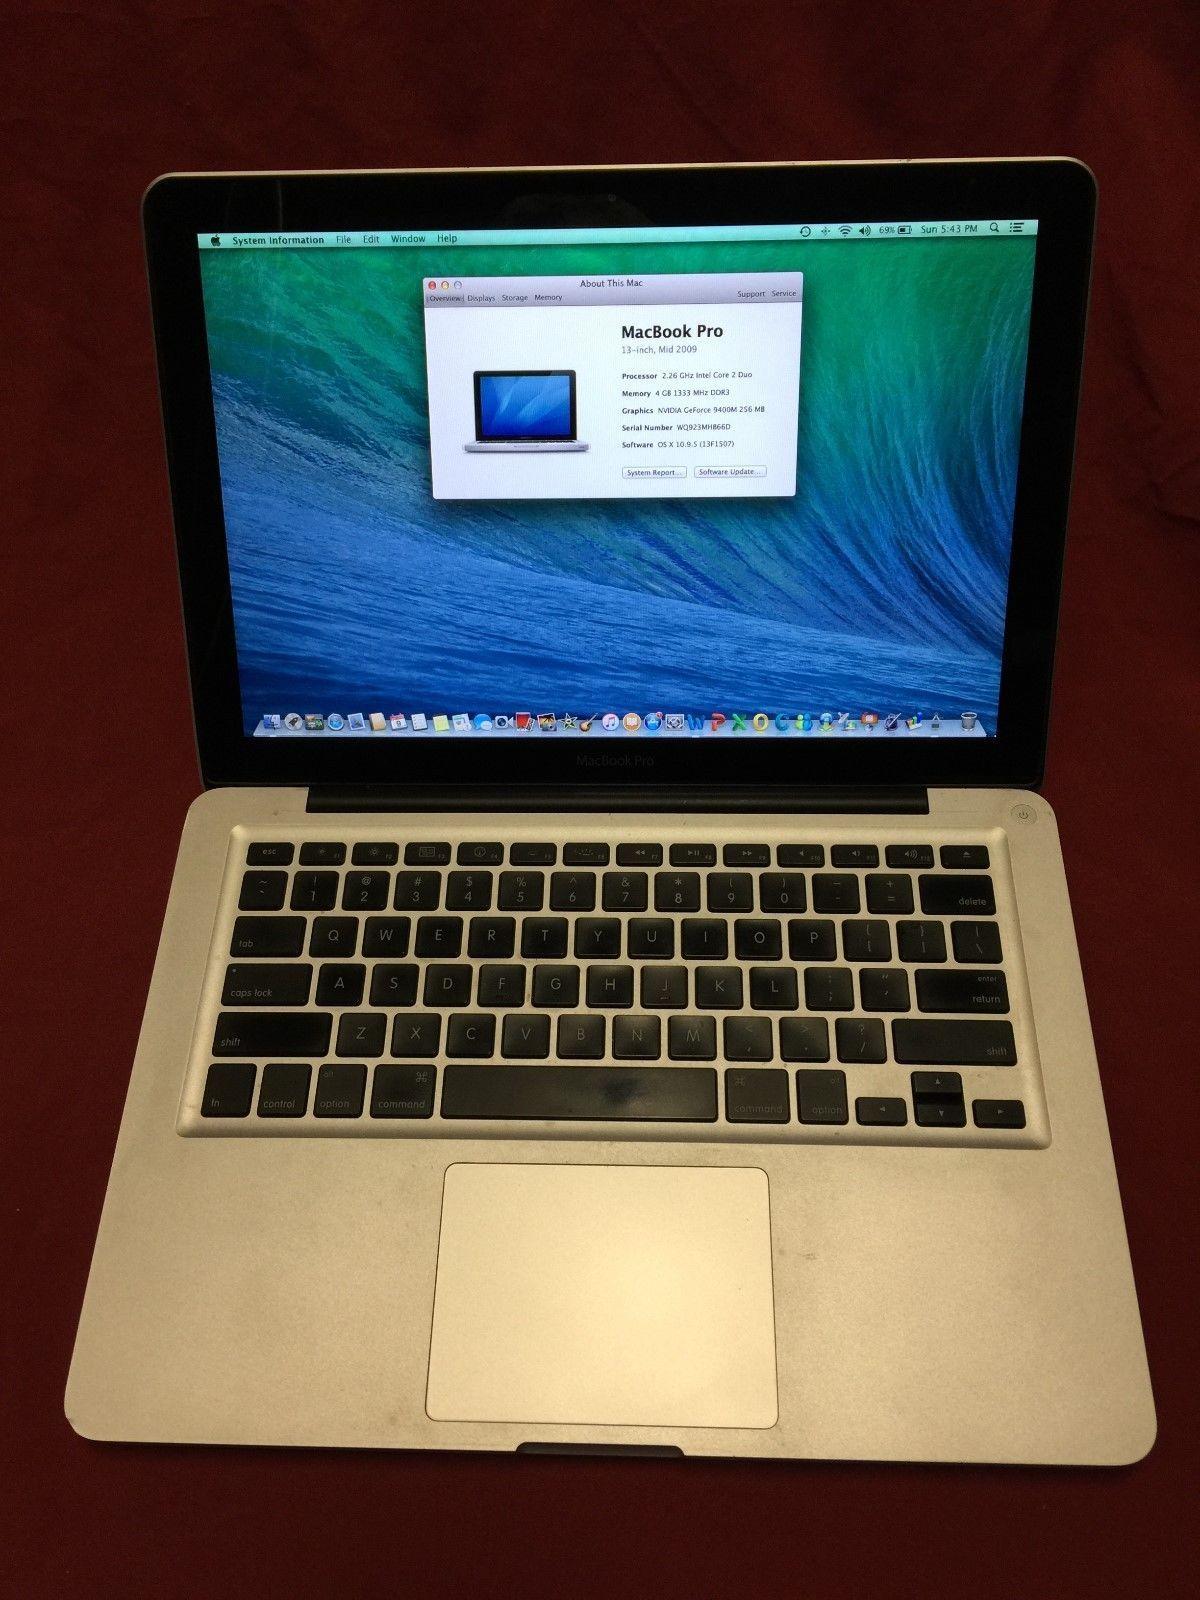 13 Apple Macbook Pro 2009 226ghz 4gb Ram 320gb Hd New Battery Baterai Original A1322 A1278 Inchi